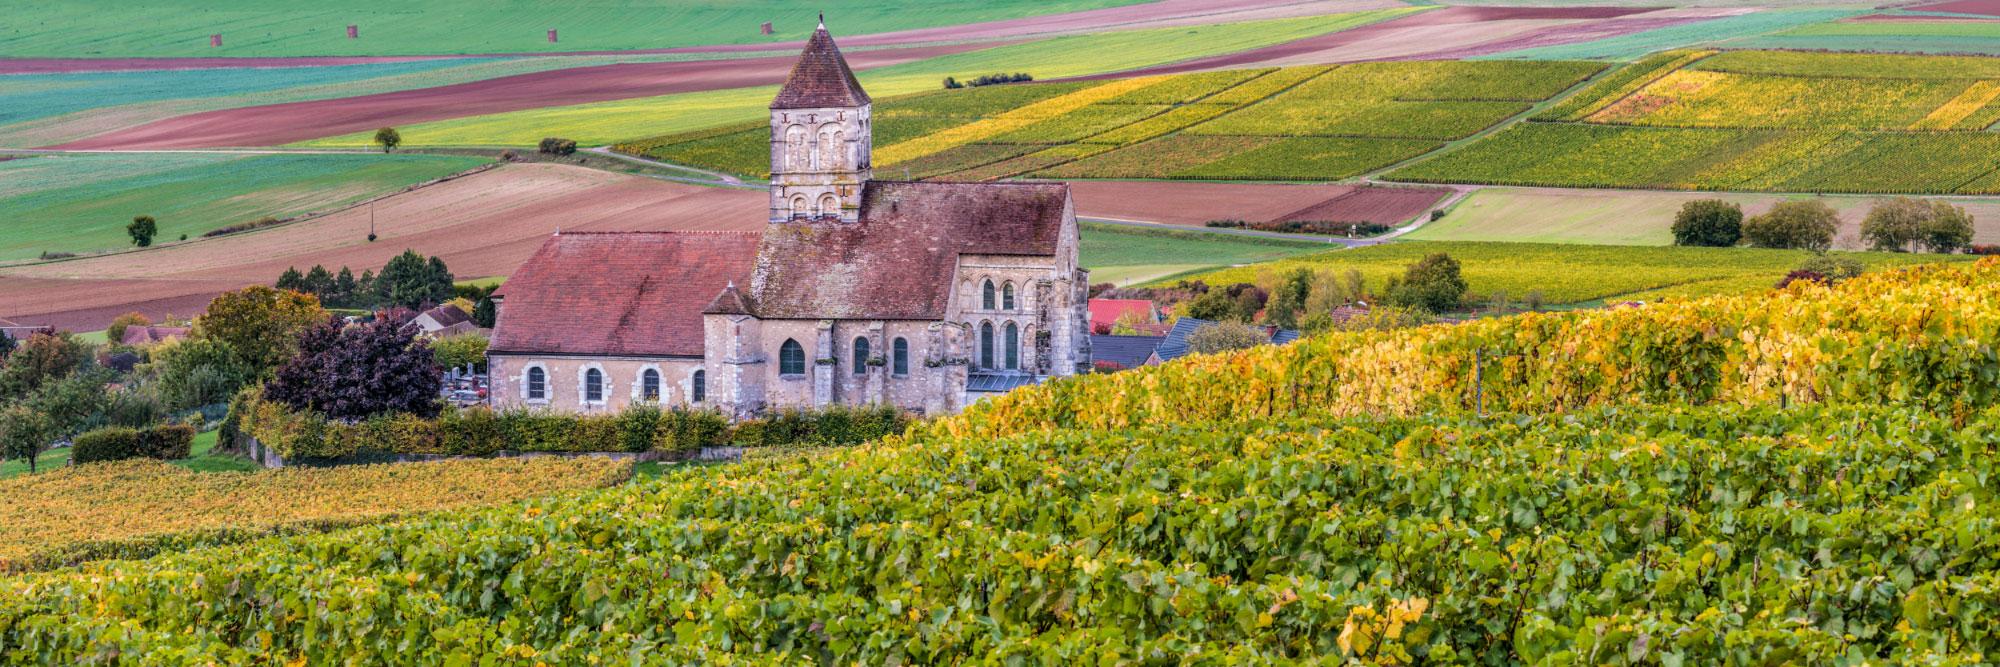 Cuis, vignobles de la côte des Blancs au sud d'Epernay